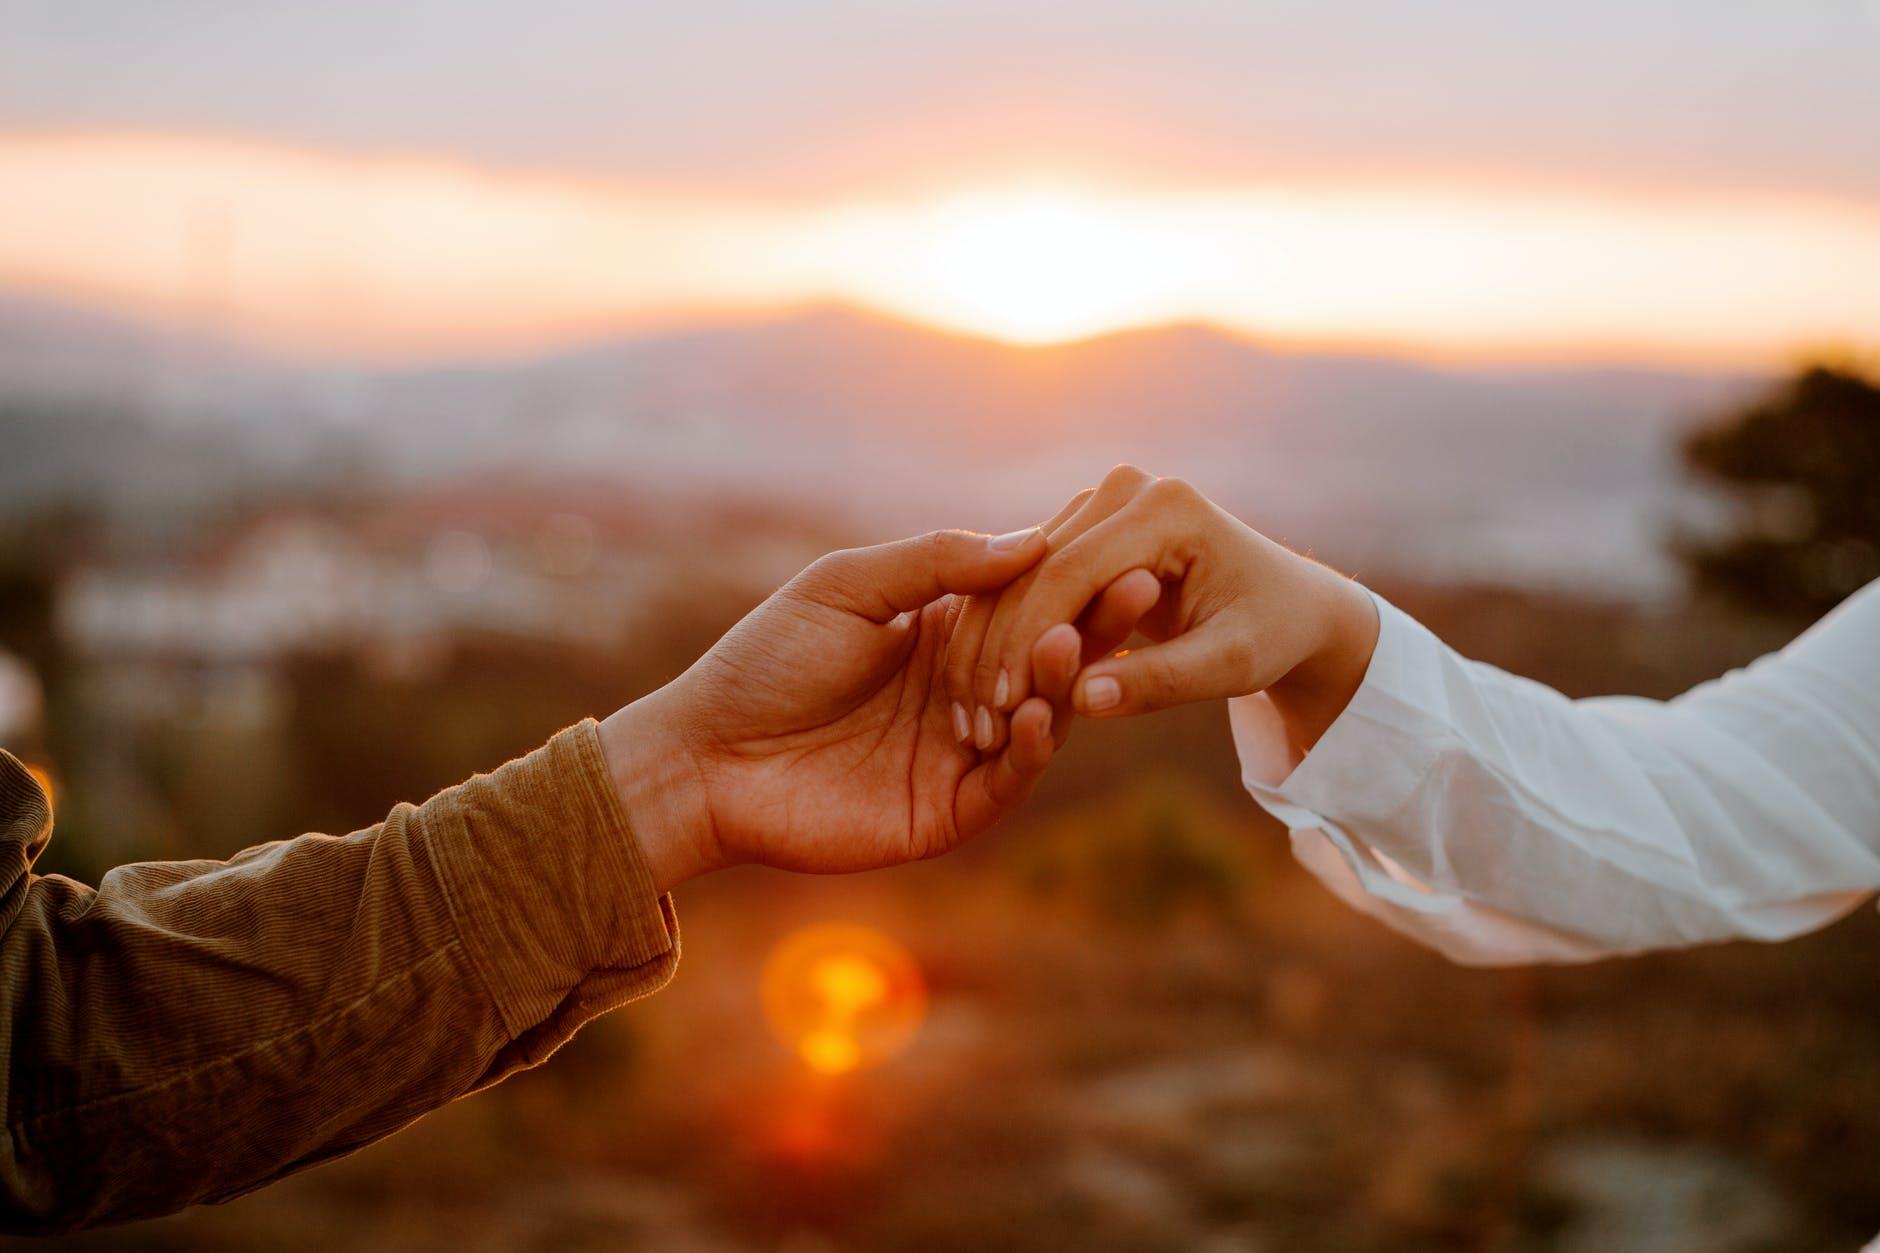 Kako naći pravu osobu i konačno biti u sretnoj vezi? Odgovor je zapravo jednostavan…